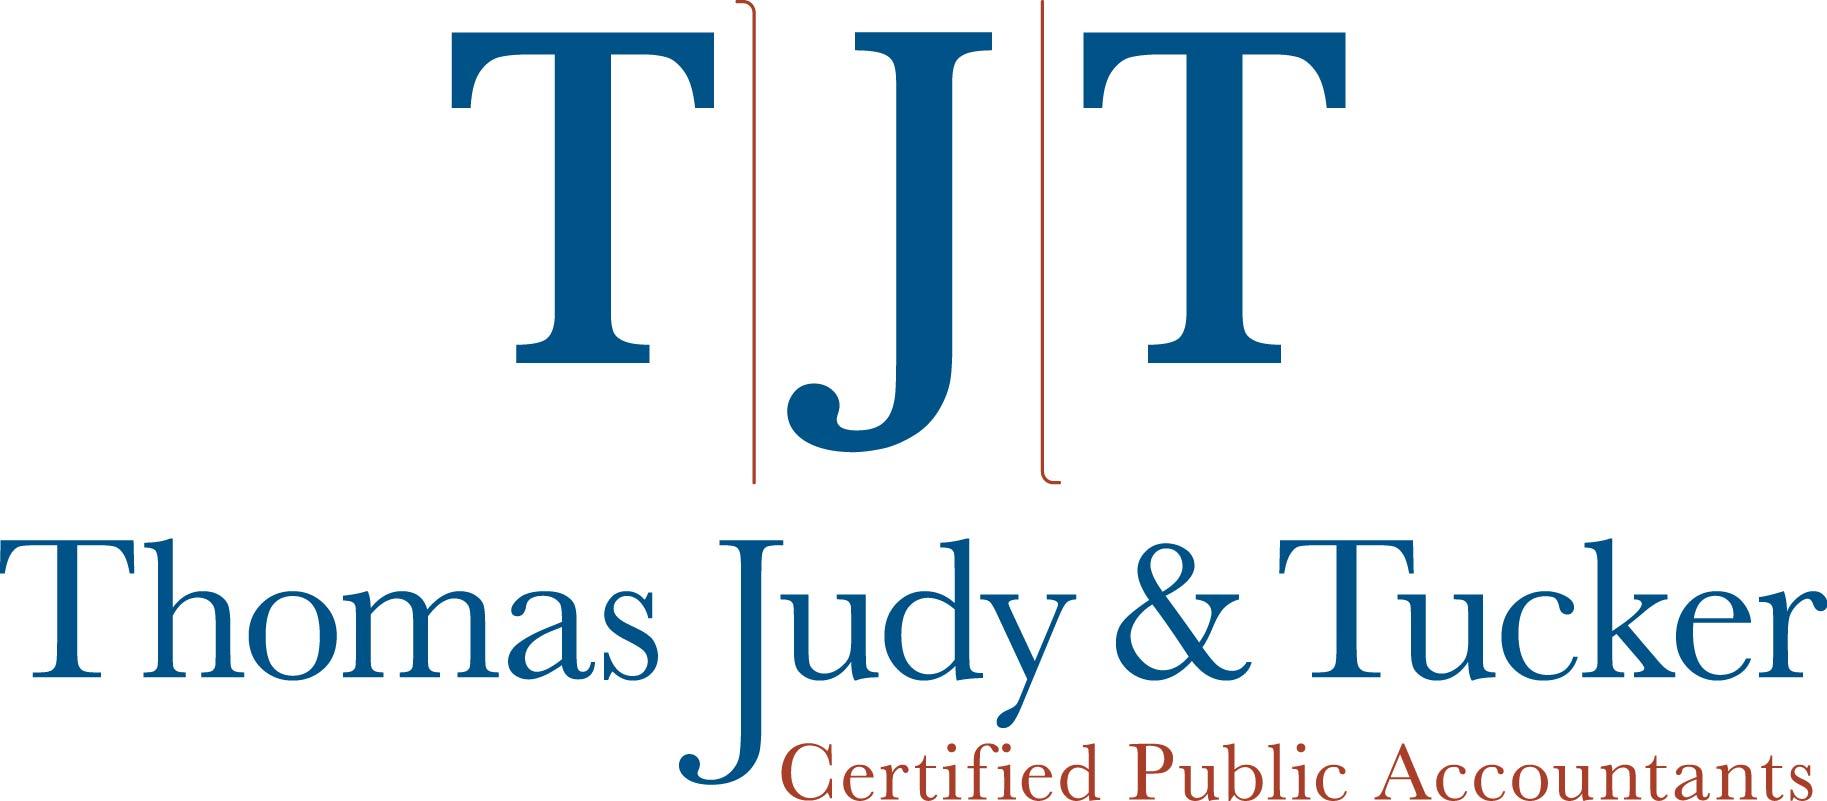 Thomas-Judy-Tucker.jpg